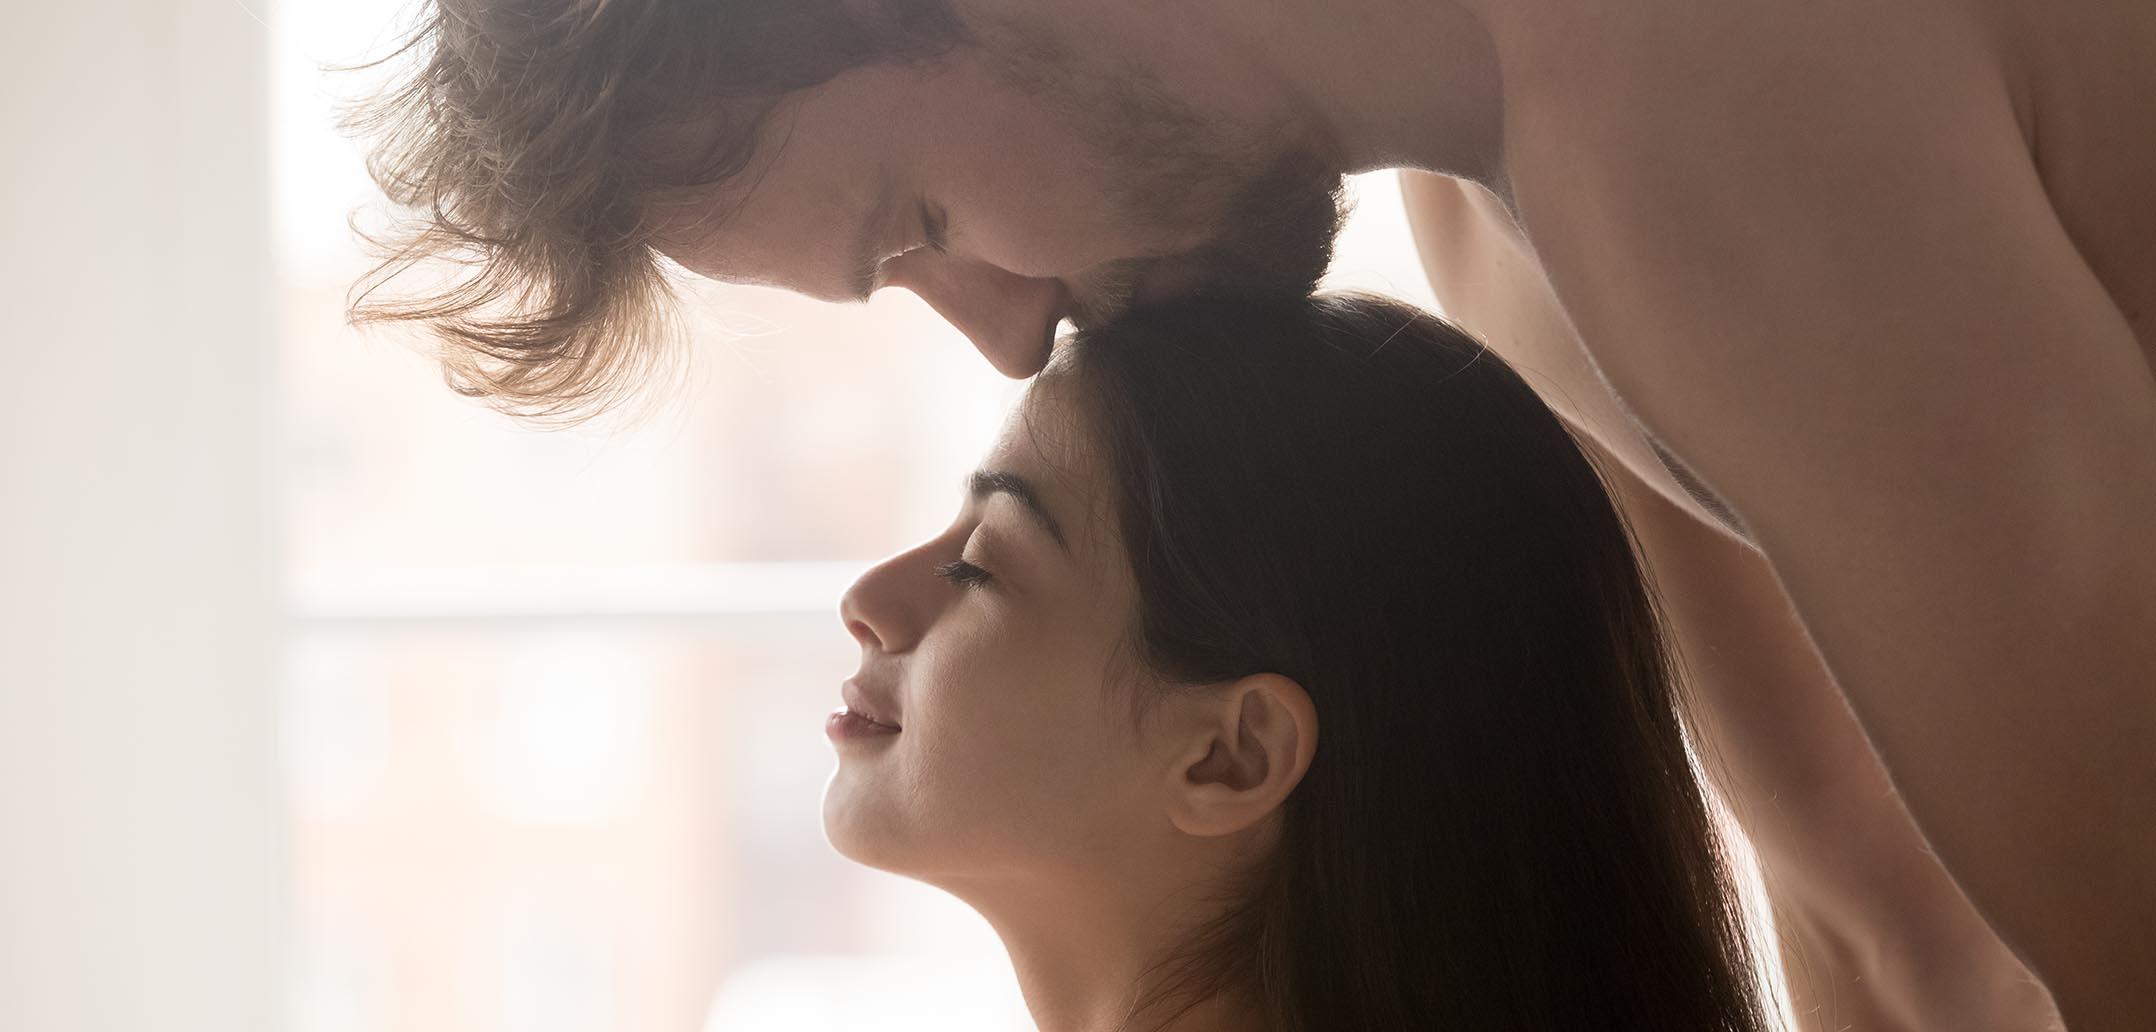 So lassen Sie sich trotz Alltagsstress beim Sex fallen